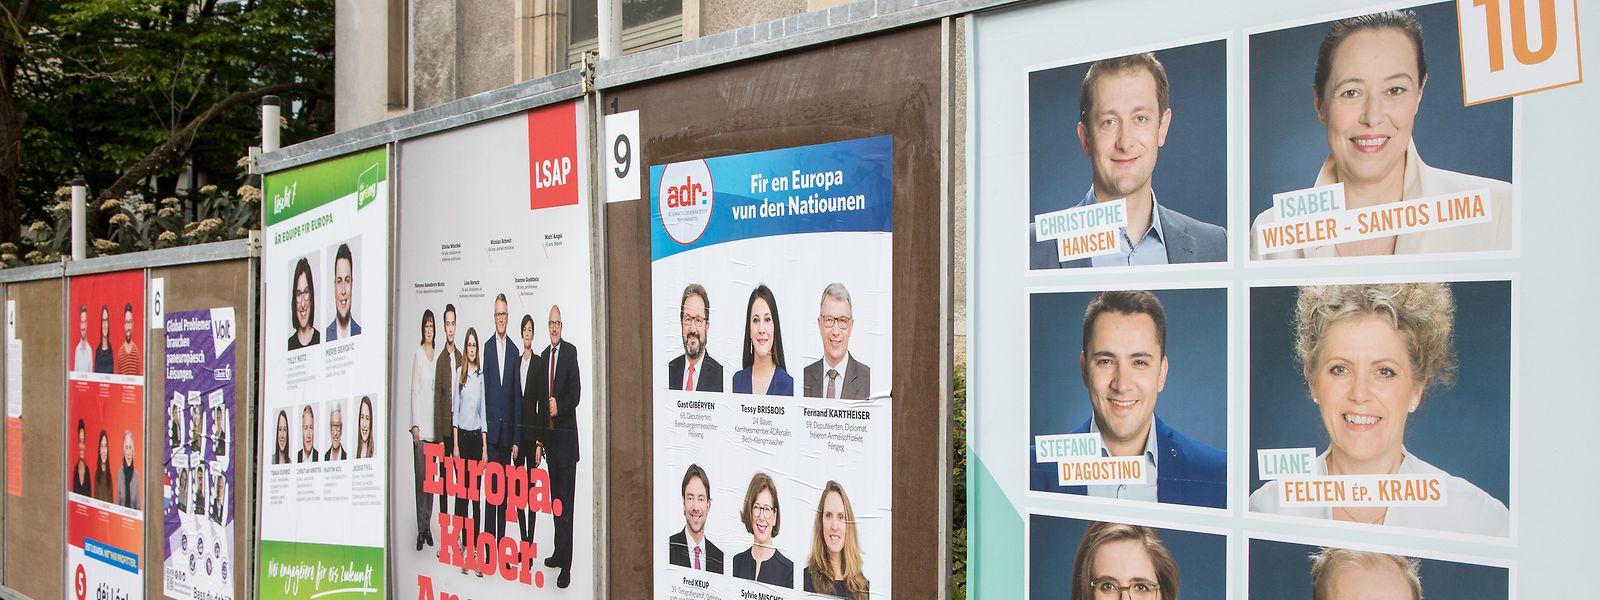 Der Schilderwald für die EU-Wahlen wächst in Luxemburg langsam an.